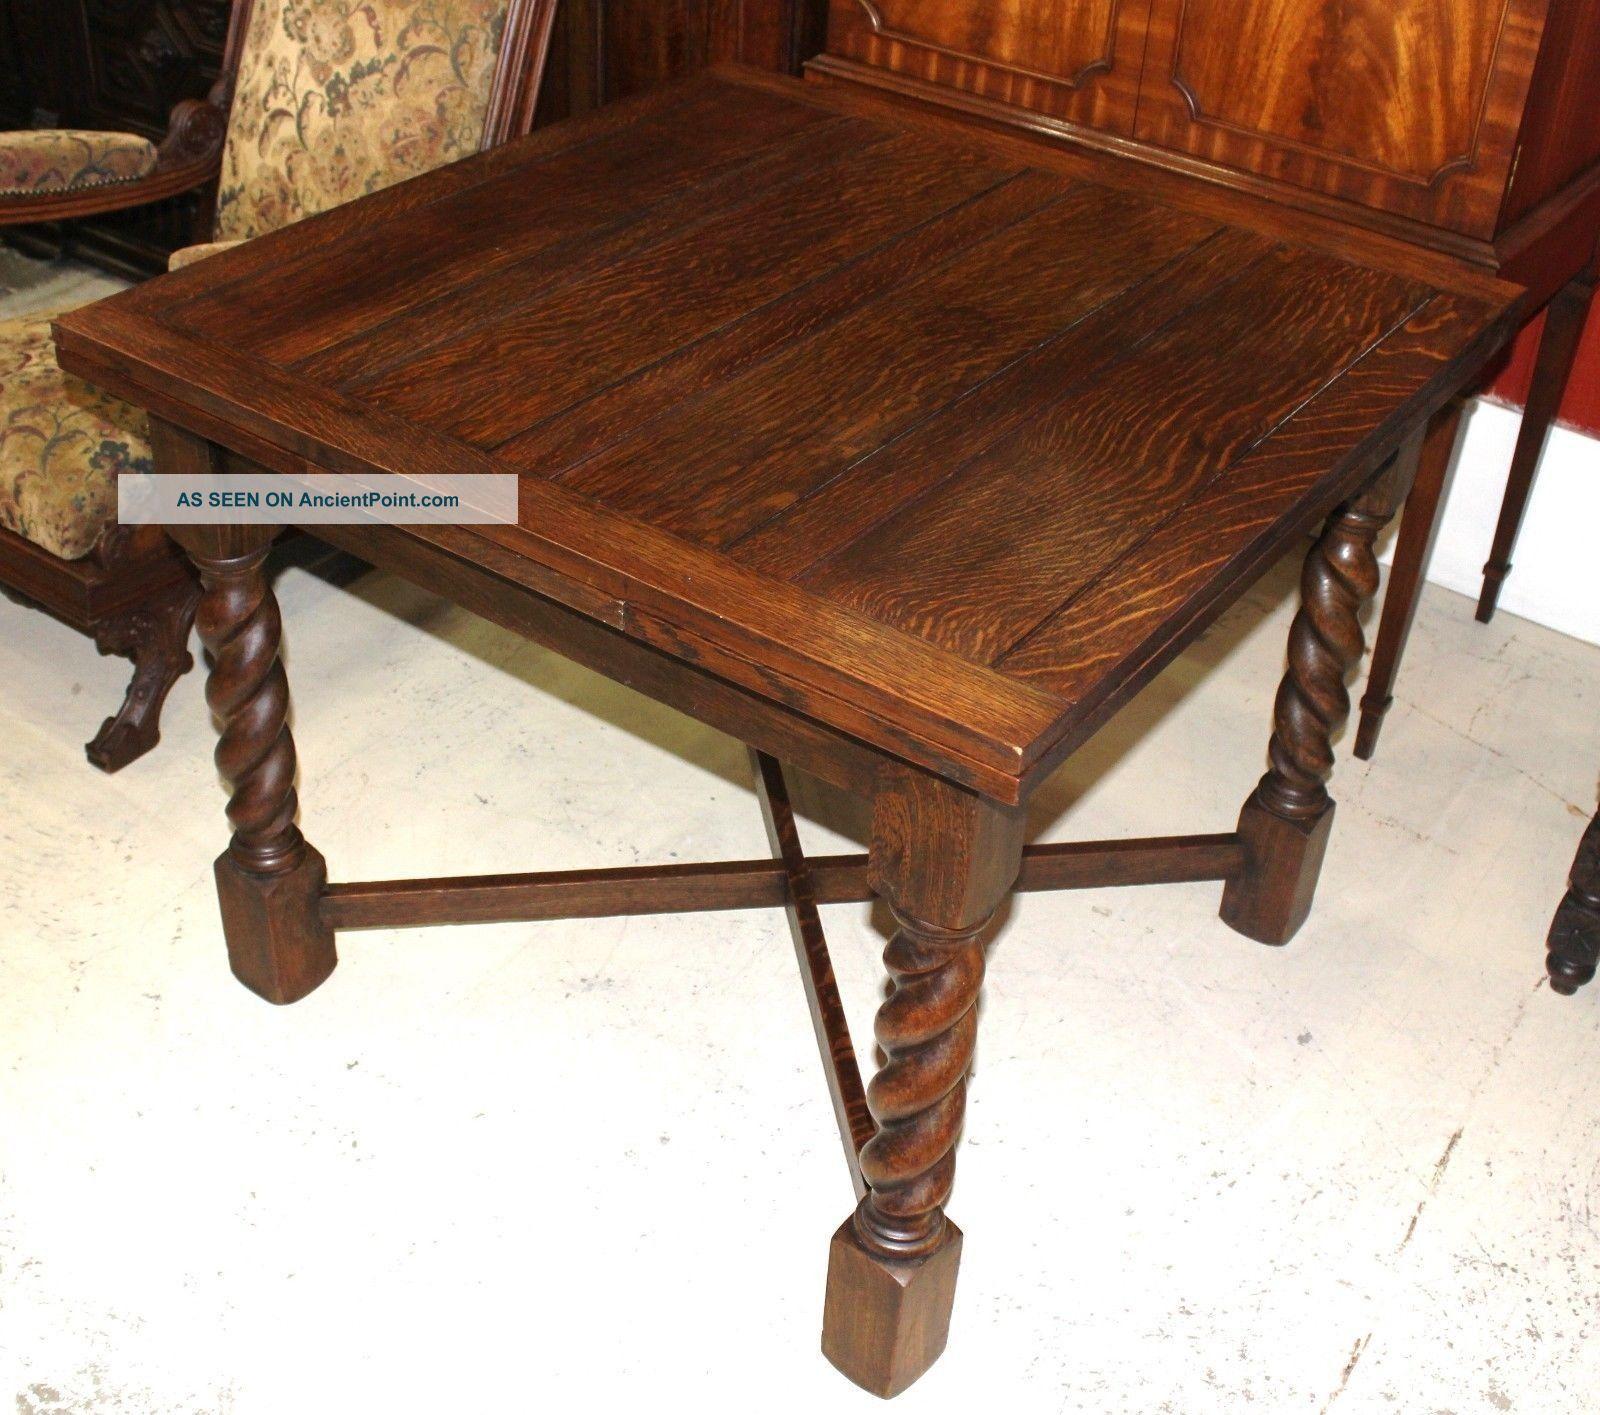 English antique oak draw drop leaf dining table with barley twist